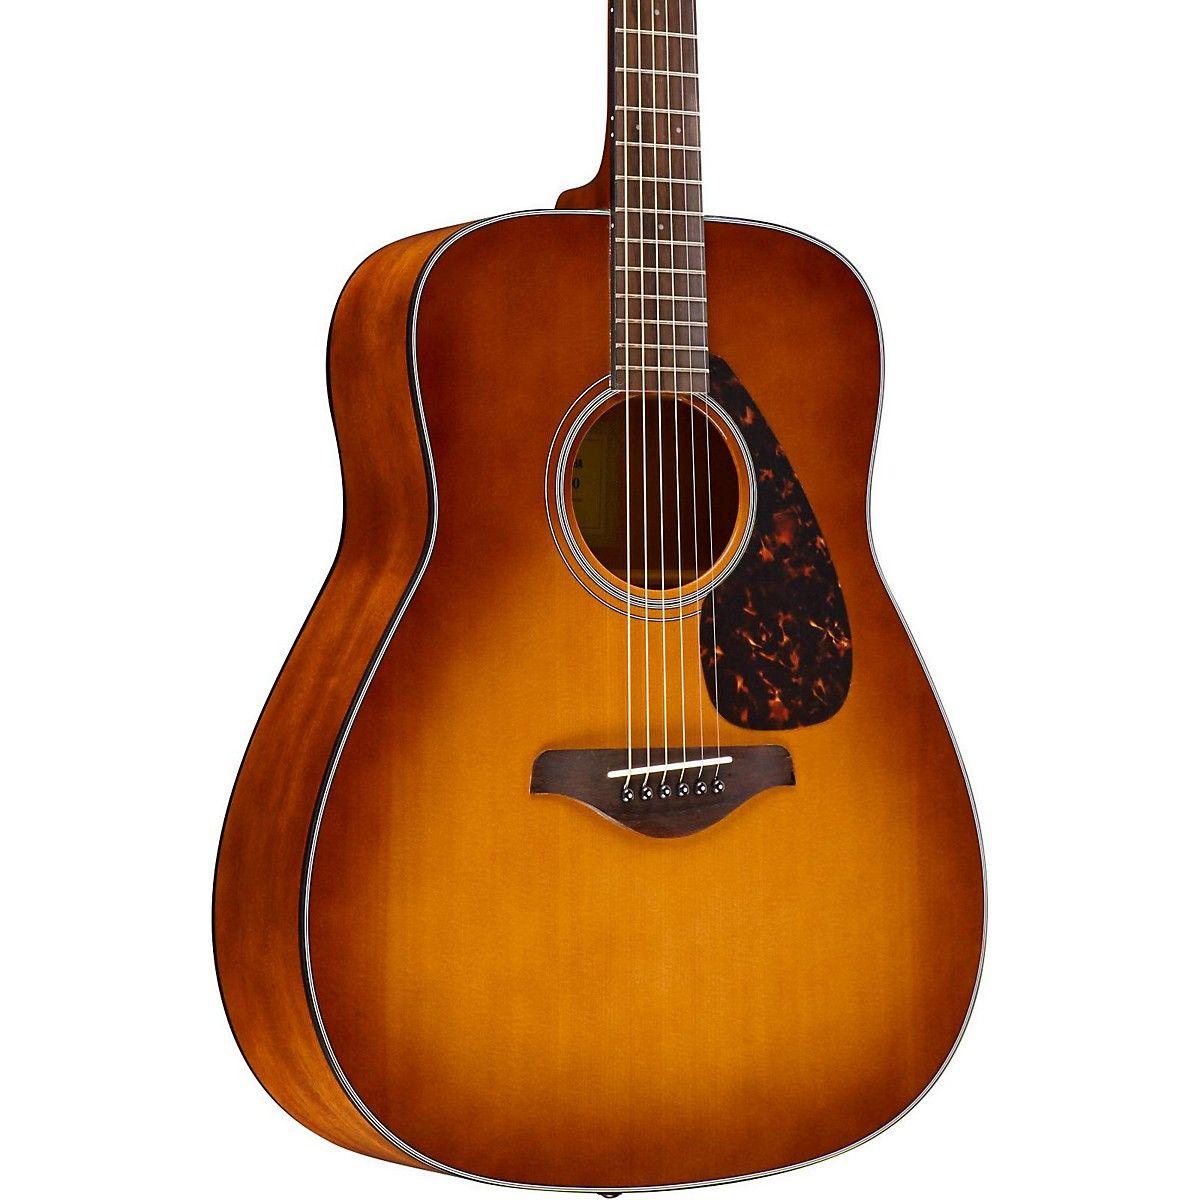 Yamaha Fg800 Folk Acoustic Guitar Yamaha Guitar Yamaha Acoustic Guitar Acoustic Guitar Case